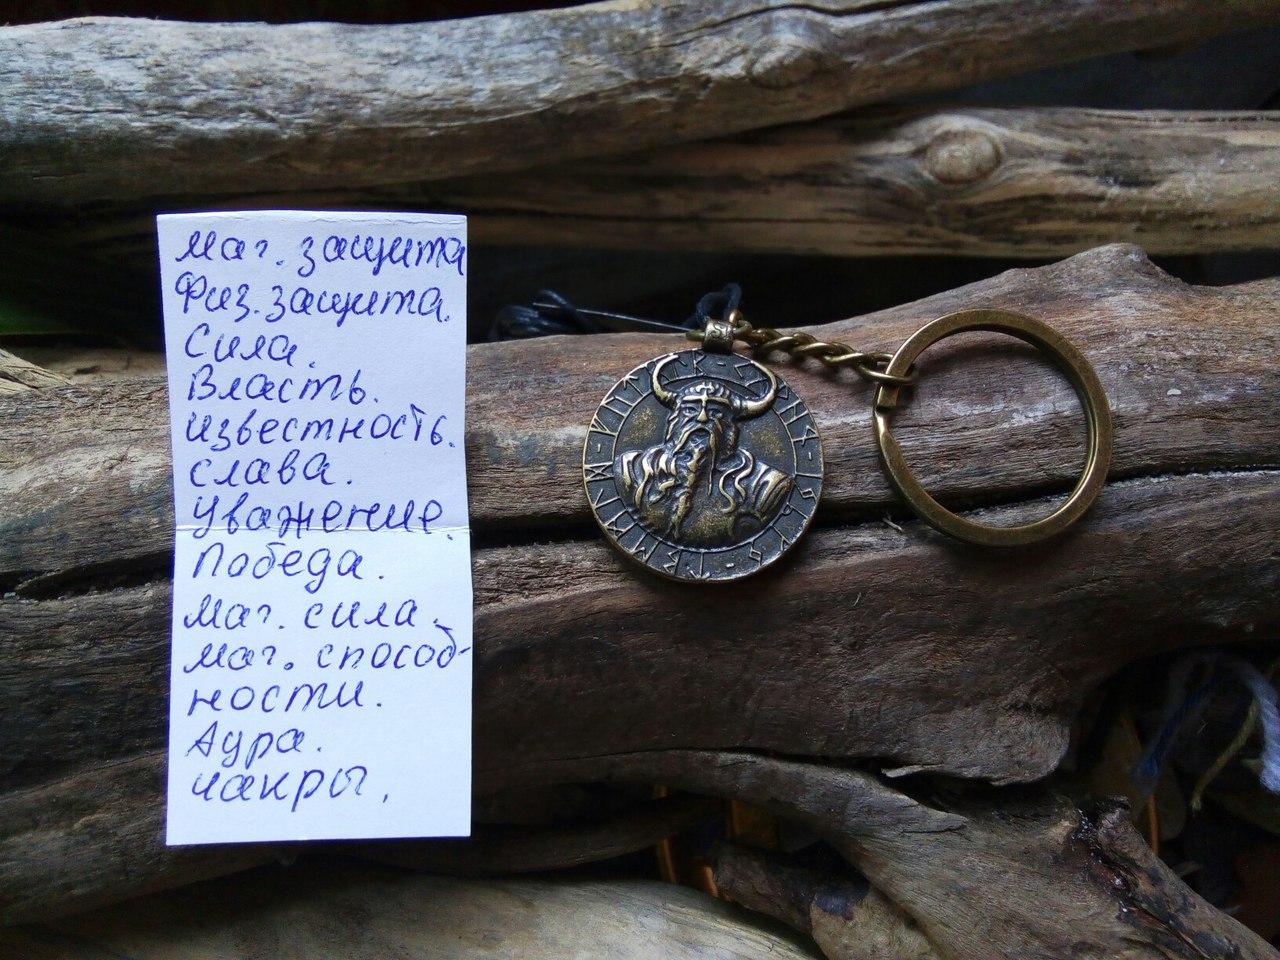 амулет - Талисманы Викингов и Кельтов FYRyDtWOR5g